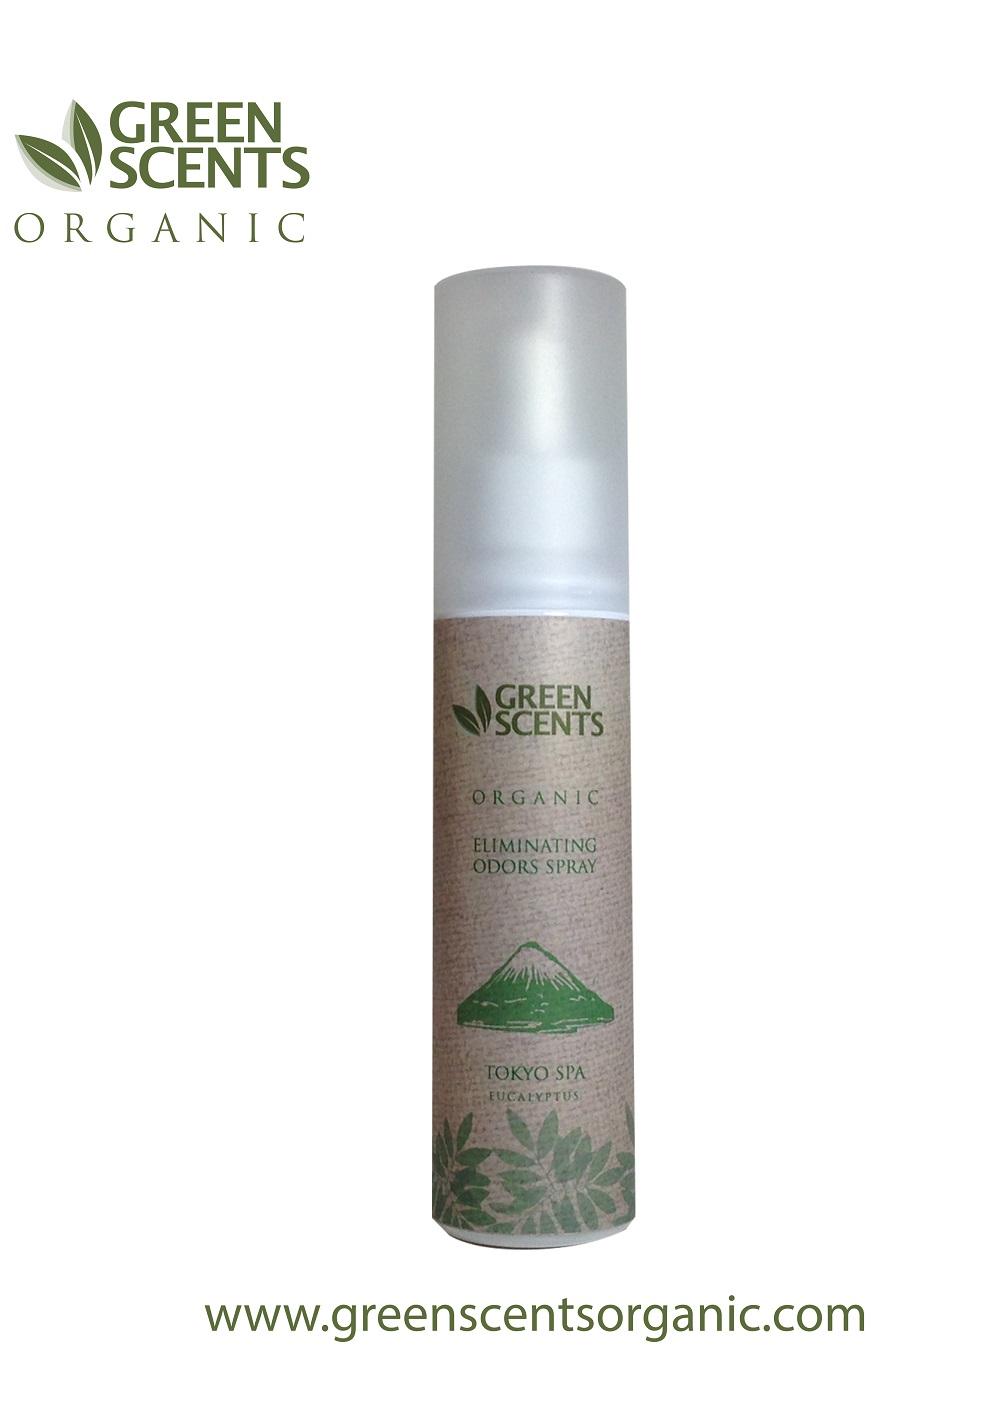 สเปรย์สลายกลิ่น กรีนเซ้นส์ ออแกนิค NEW GreenScents Organic TOKYO SPA ( Eucalyptus )